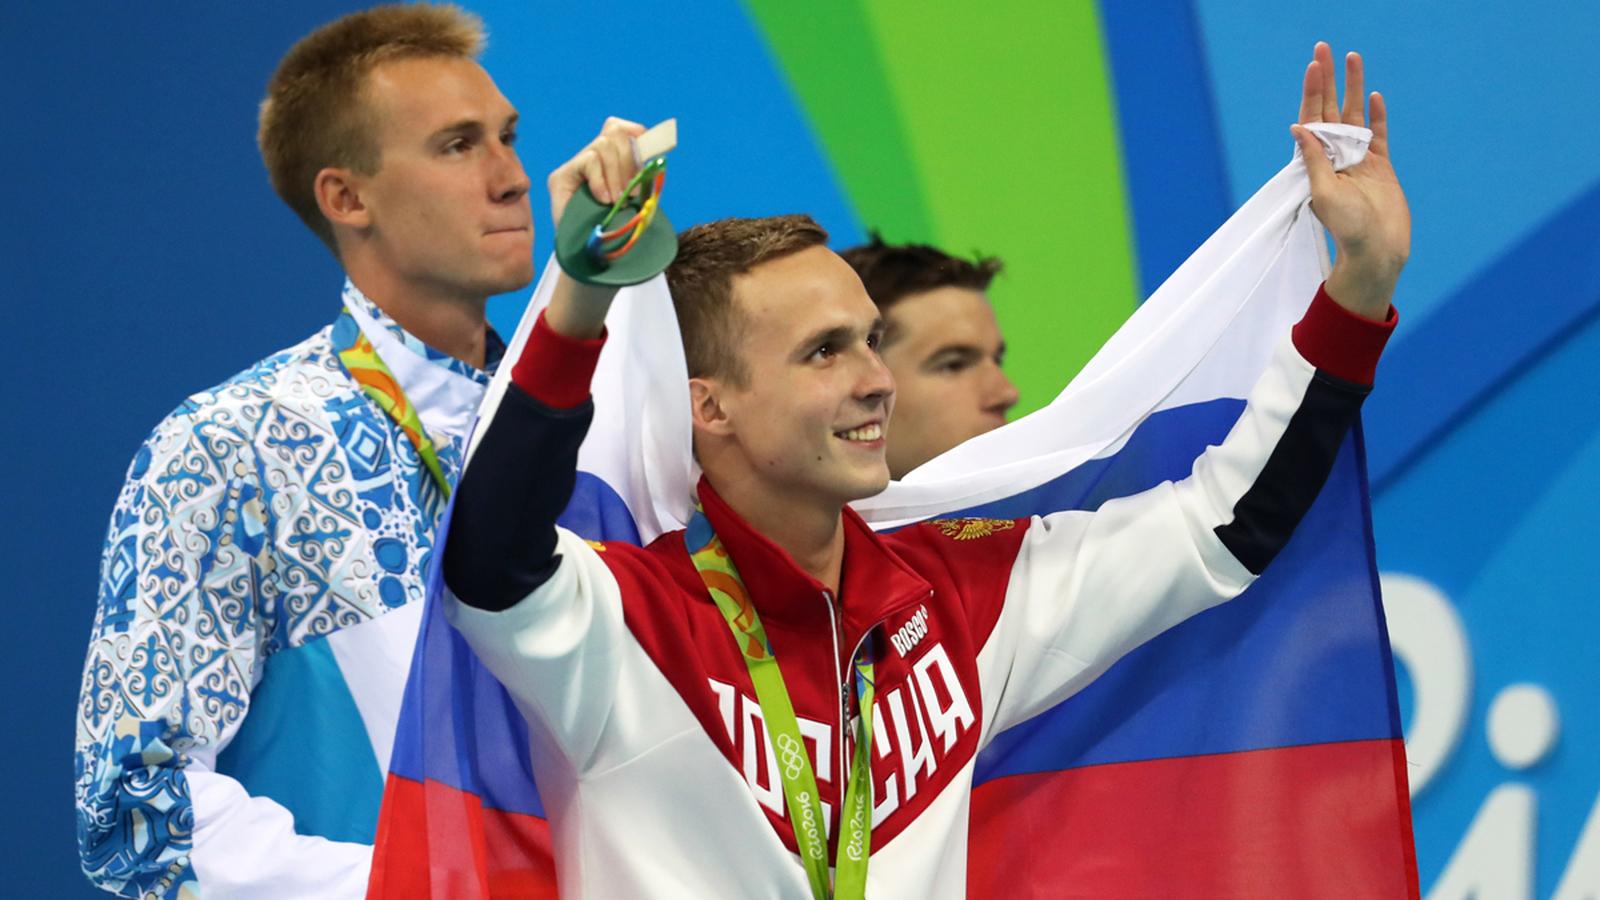 Пловец Антон Чупков во время церемонии награждения в олимпийском бассейне Рио-де-Жанейро